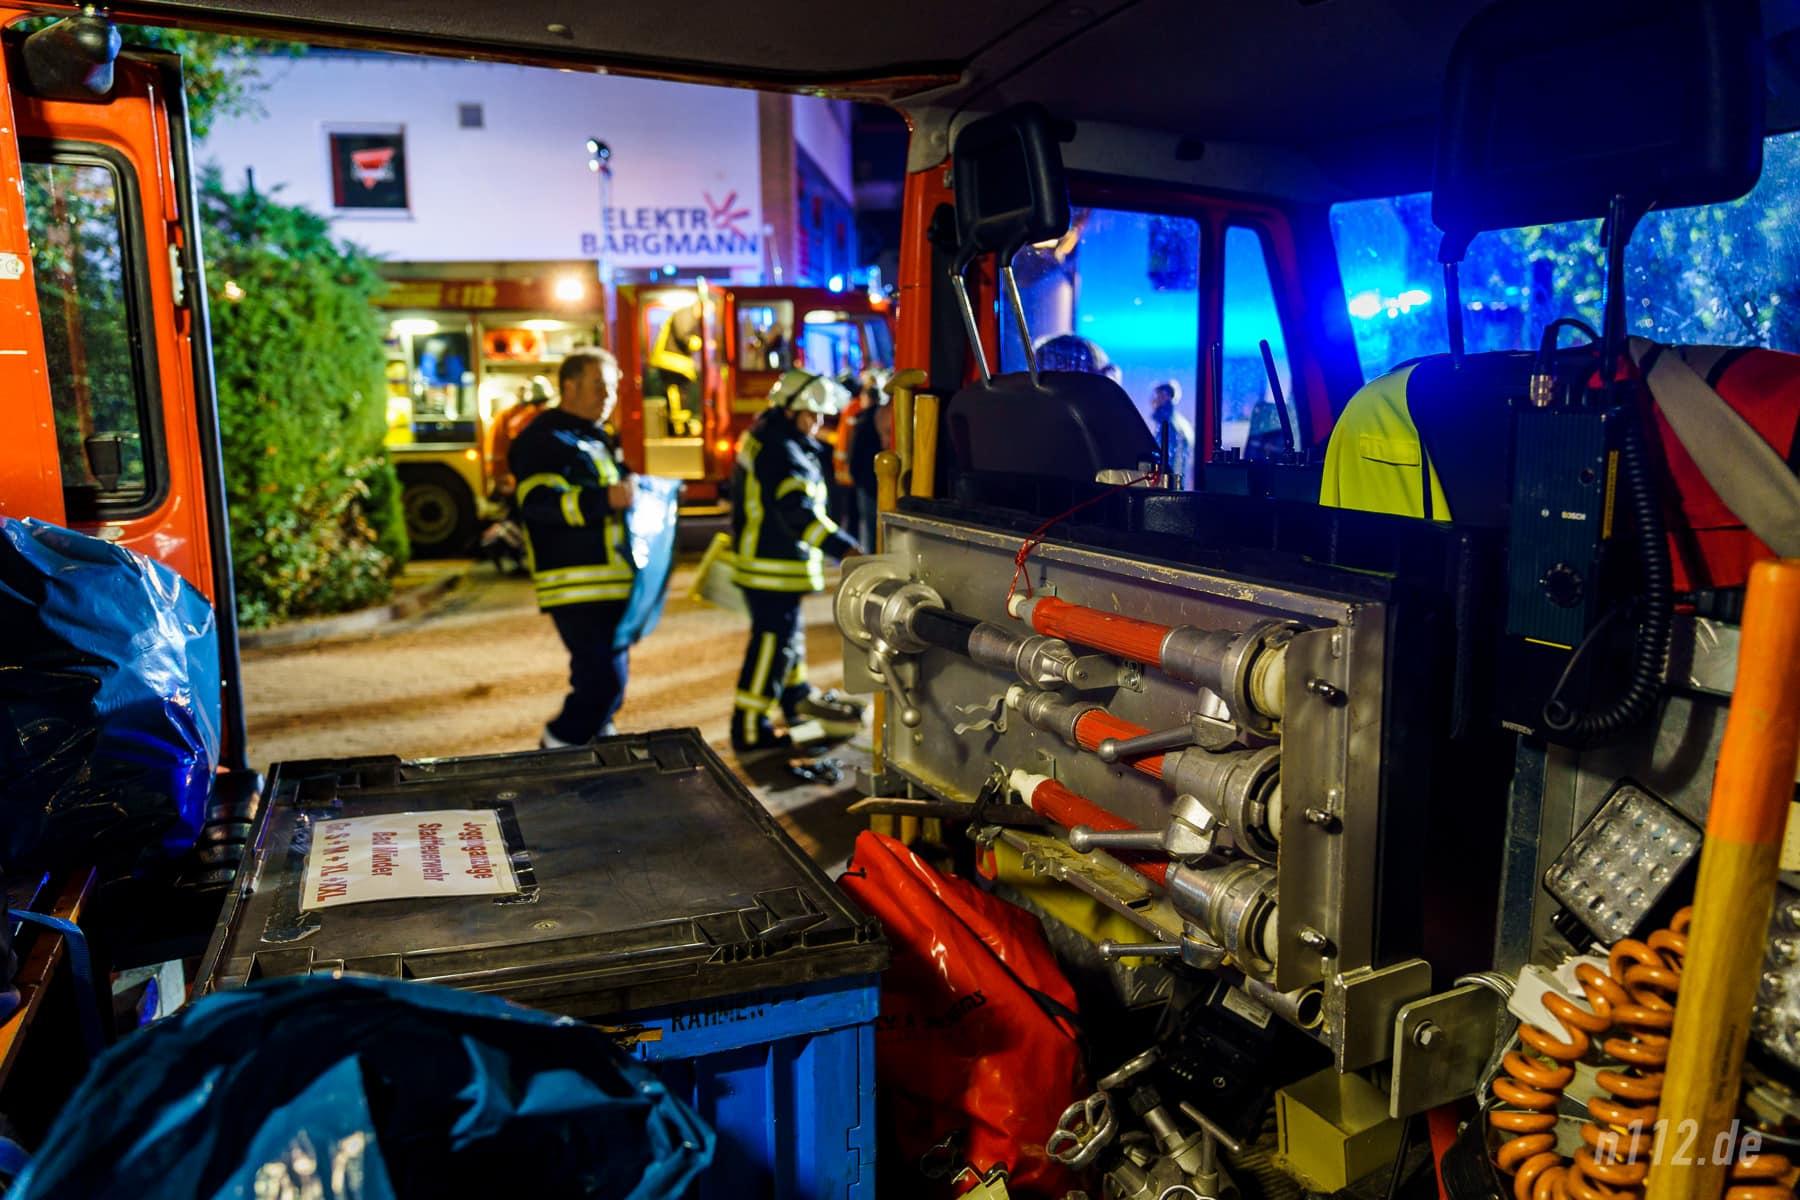 Eines der Fahrzeuge der Feuerwehr Beber. Die Ehrenamtlichen haben sich mit der Enge des alten Fahrzeugs arrangiert - im nächsten Jahr soll ein moderner Nachfolger in Dienst gestellt werden (Foto: n112.de/Stefan Simonsen)